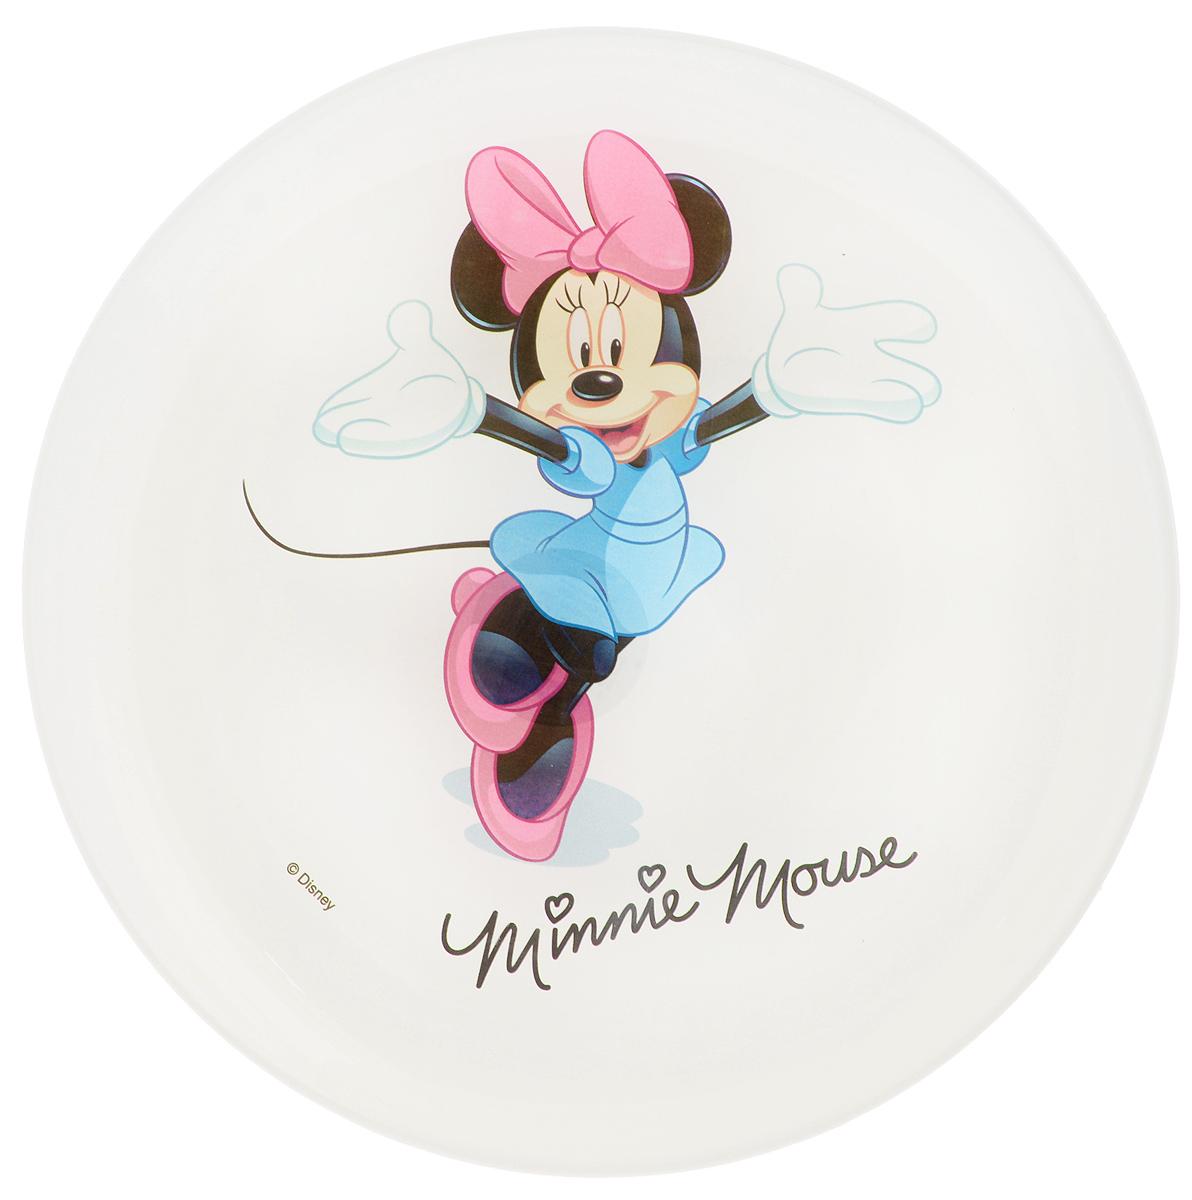 Тарелка десертная Luminarc Disney Minnie Colors, диаметр 20,5 смG9171Десертная тарелка Luminarc Disney Minnie Colors, изготовленная из ударопрочного стекла, обязательно понравится вашему ребенку. Такая тарелка прекрасно подходит как для торжественных случаев, так и для повседневного использования. Идеальна для подачи десертов, пирожных, тортов и многого другого.